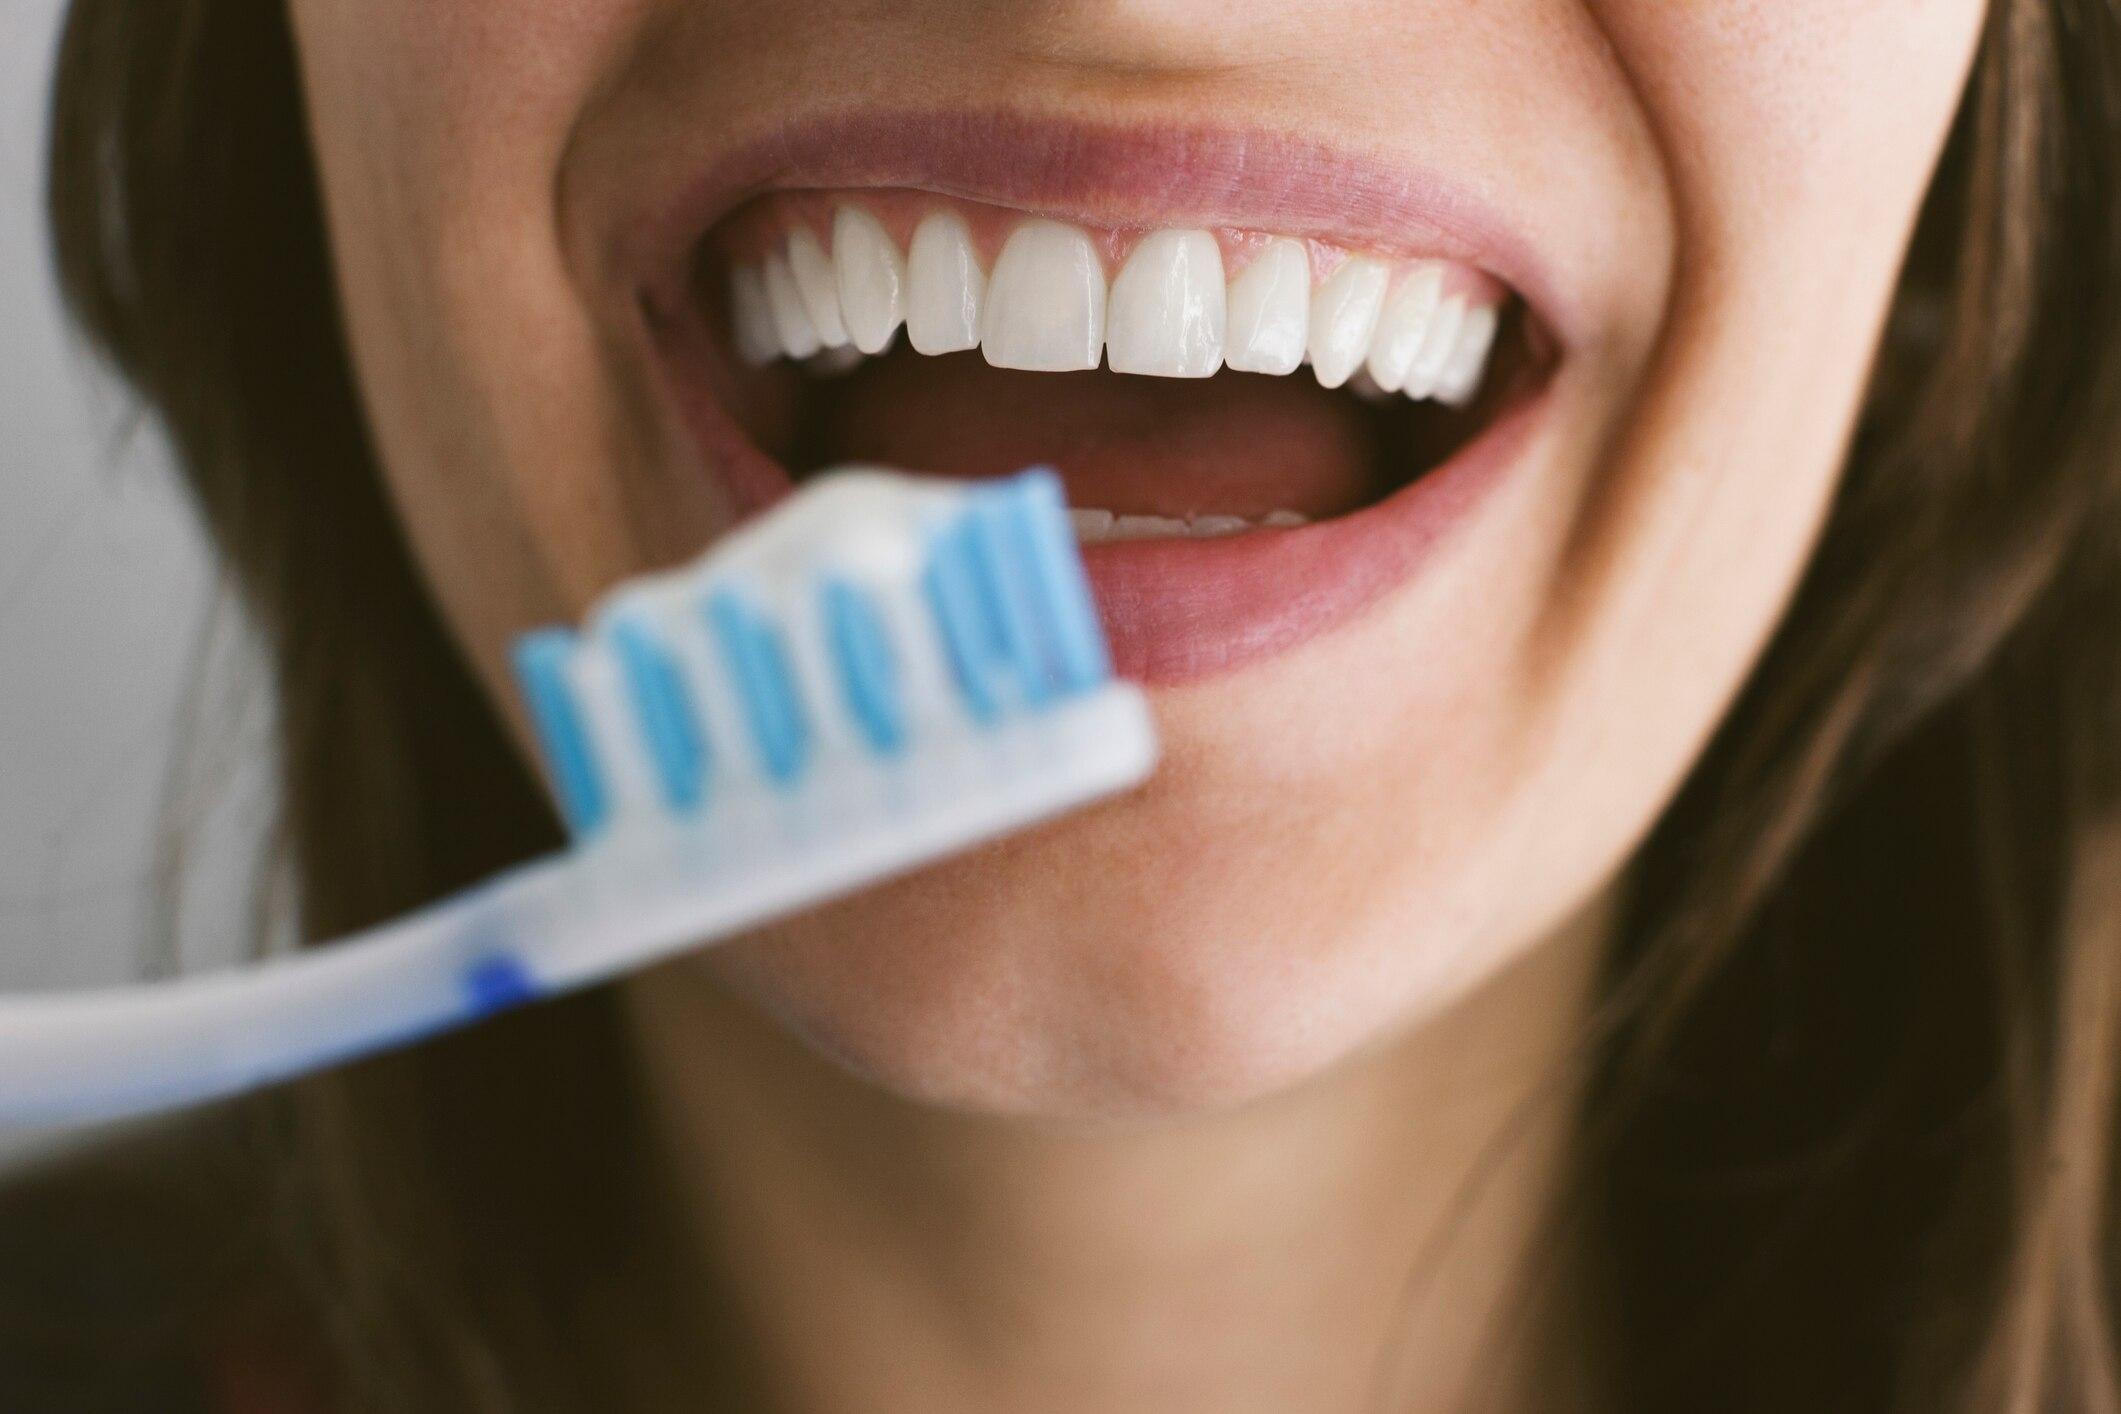 Wie gefährlich ist das Fluorid in Zahnpasta wirklich?